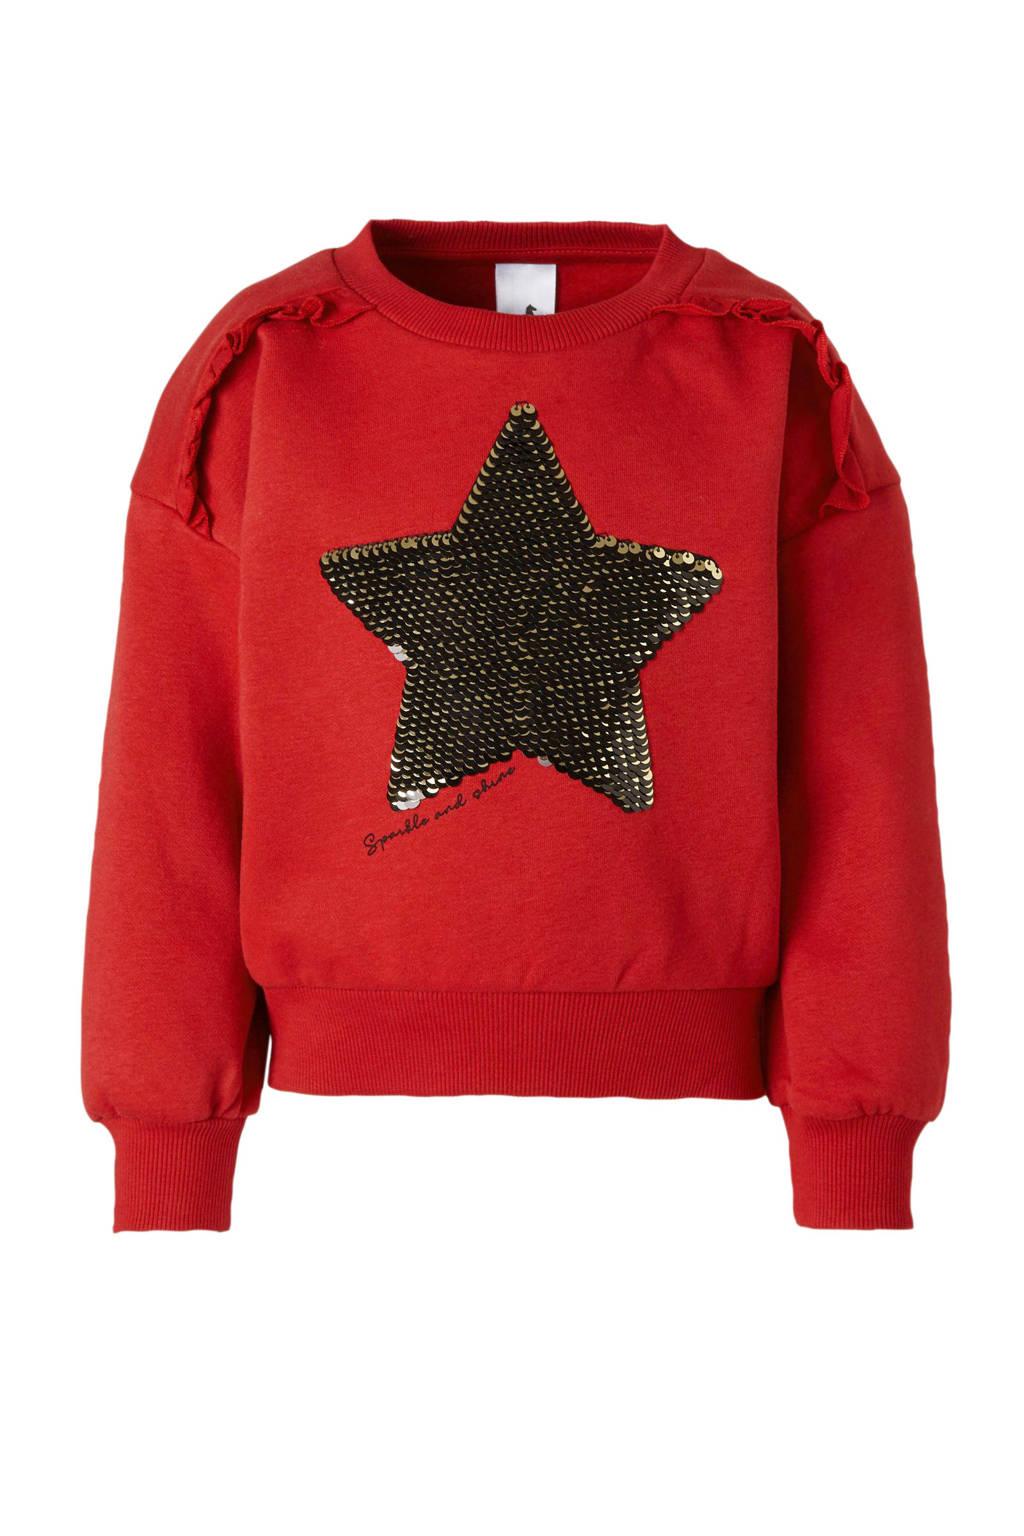 C&A Palomino sweater met printopdruk en pailletten rood, Rood